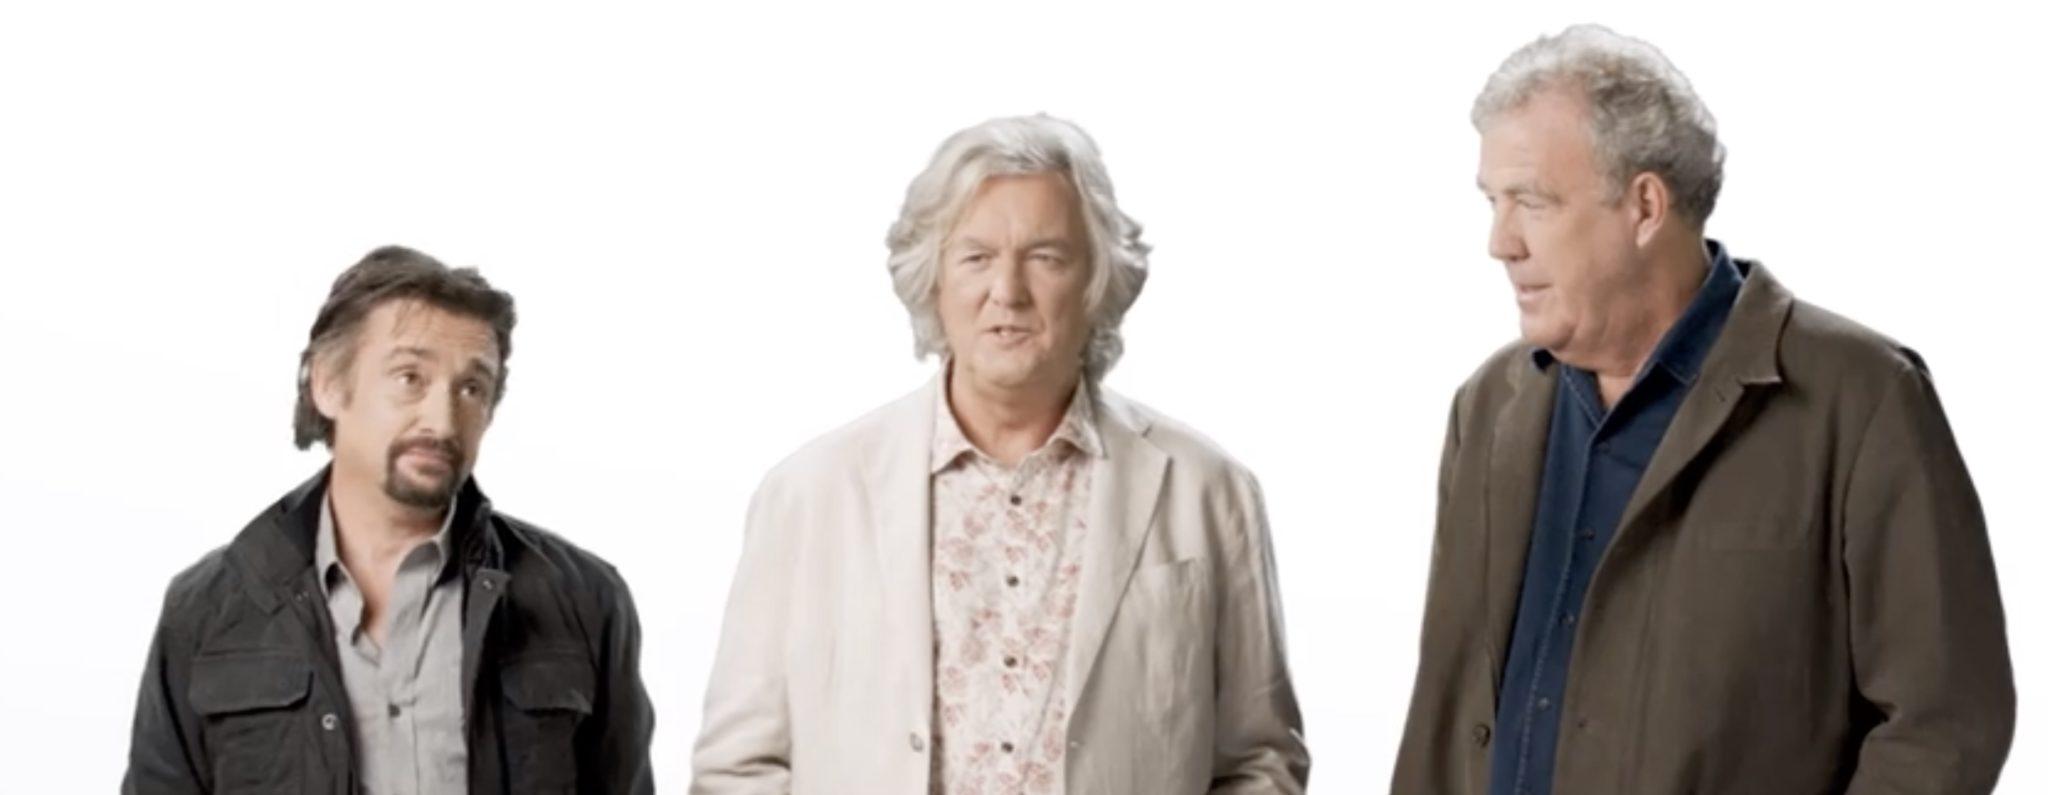 Richard Hammond, James May, Jeremy Clarkson, The Grand Tour-Amazon- https://www.instagram.com/p/B5-zQpMAJ_k/